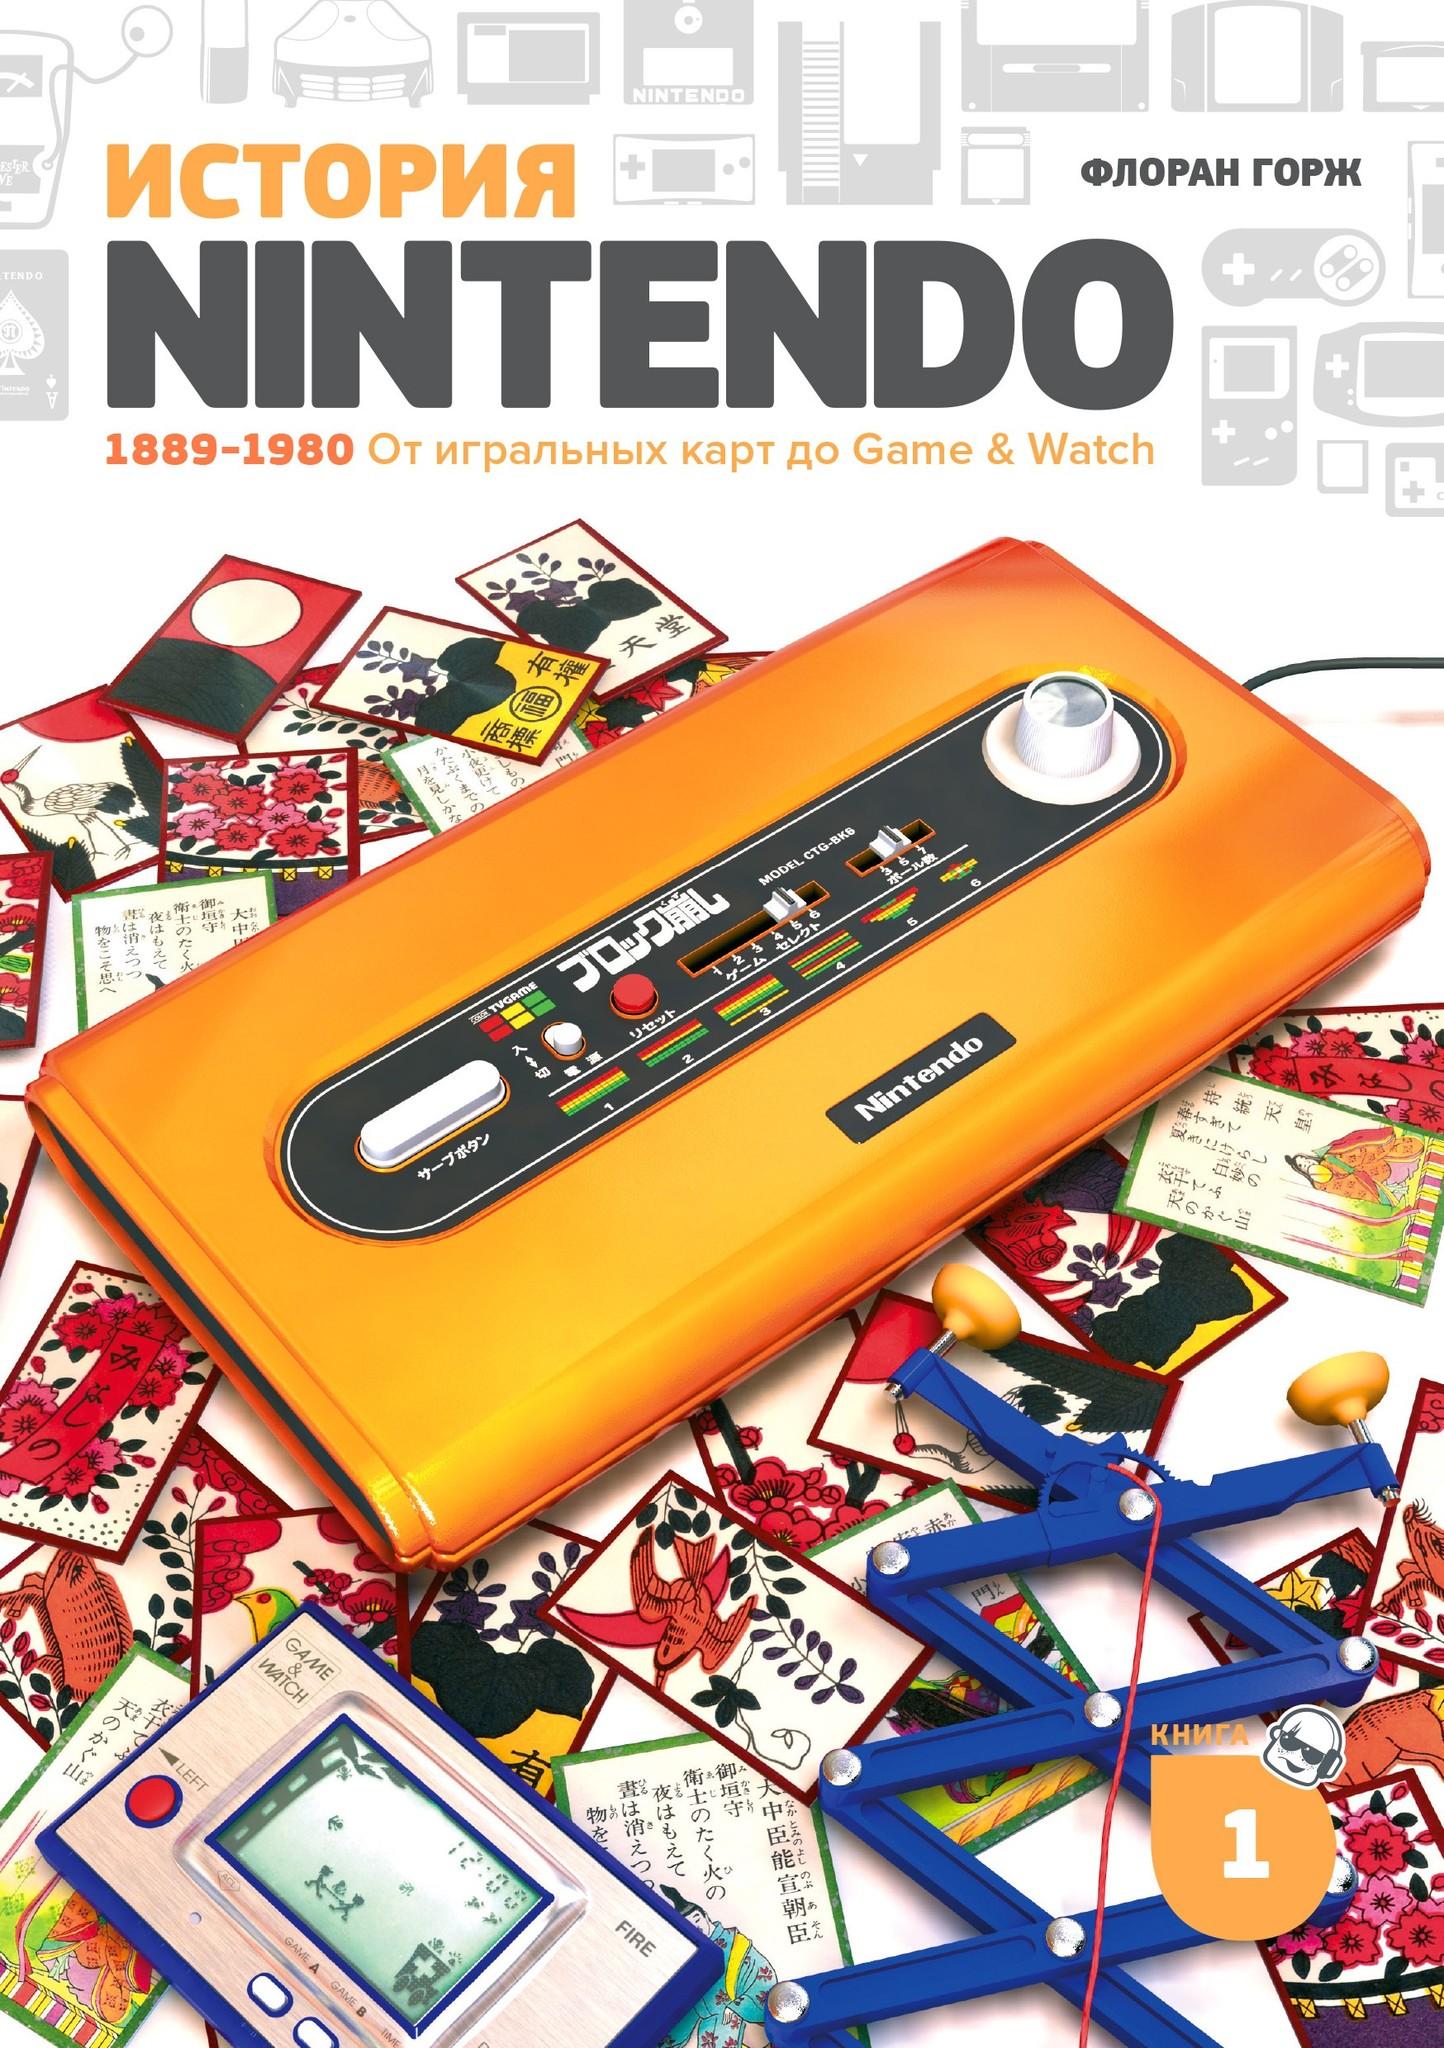 История Nintendo 1889-1980 От игральных карт до Game & Watch (История Nintendo, #1)